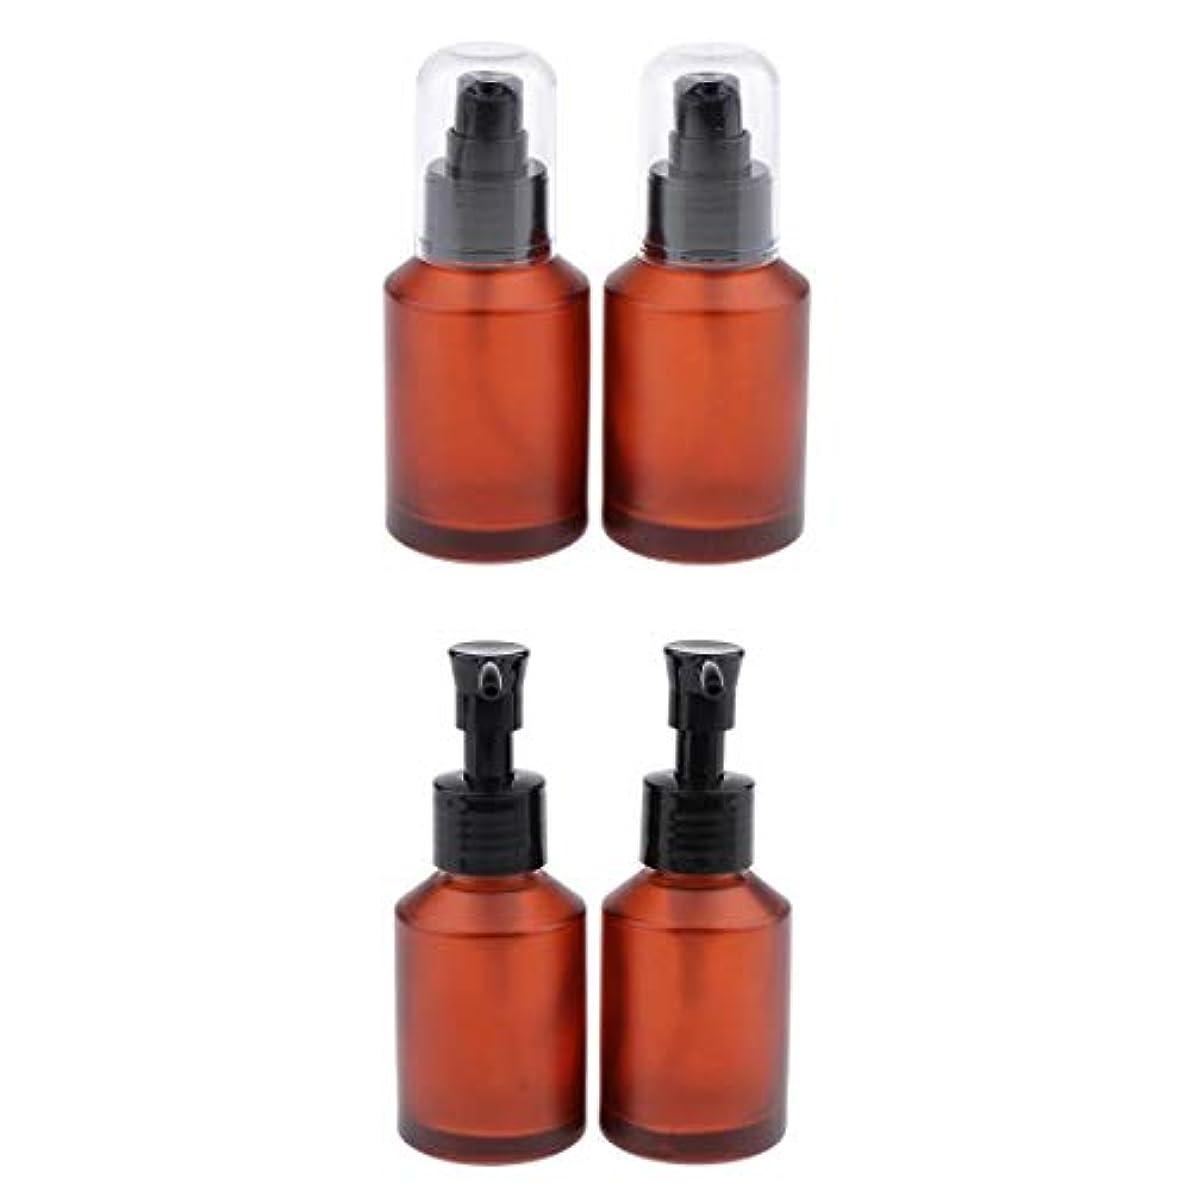 ニッケル大腿ファン4個セット スプレーボトル スポイト瓶 遮光瓶 ガラス製 精油瓶 詰め替え アロマ保存容器 小分け用